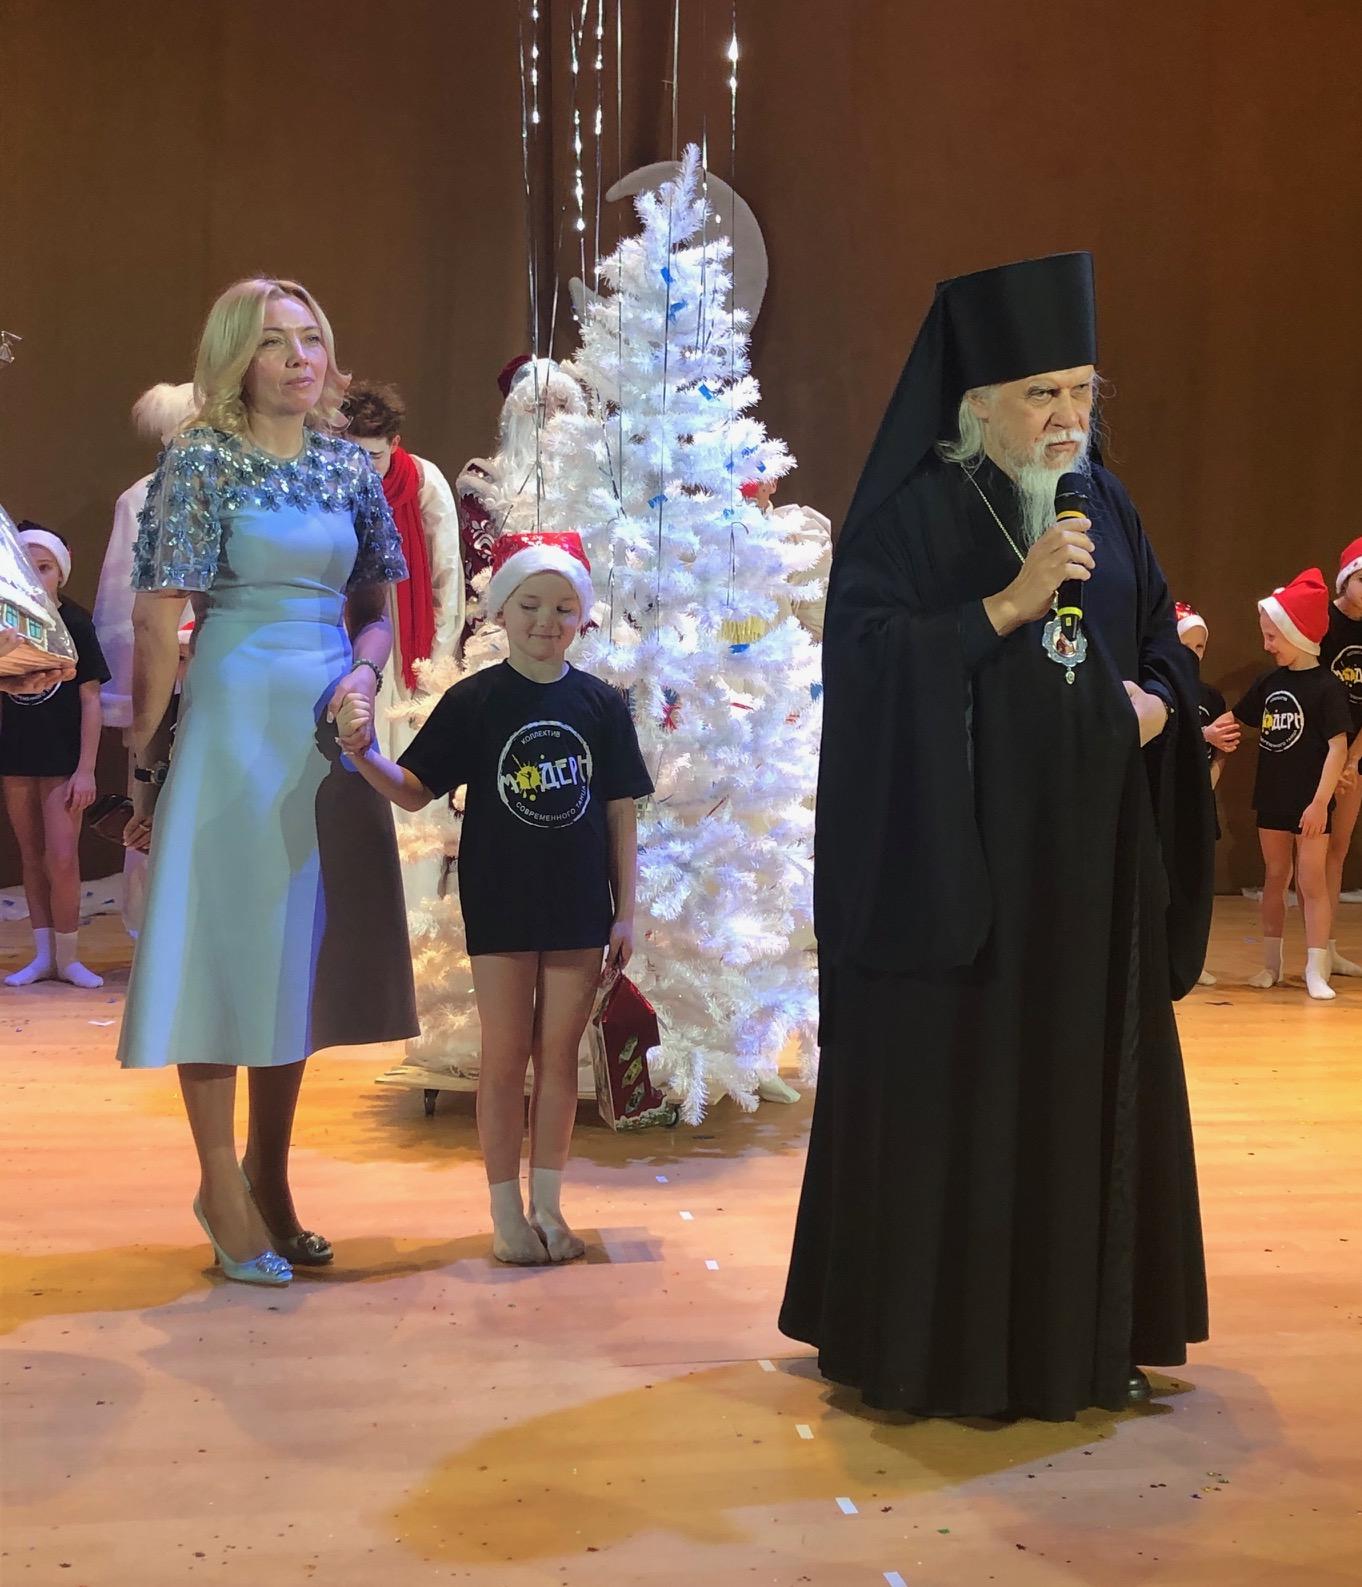 Епископ Пантелеимон поздравил подопечных благотворительного фонда «Линия сердца» и рассказал детям о чуде Рождества